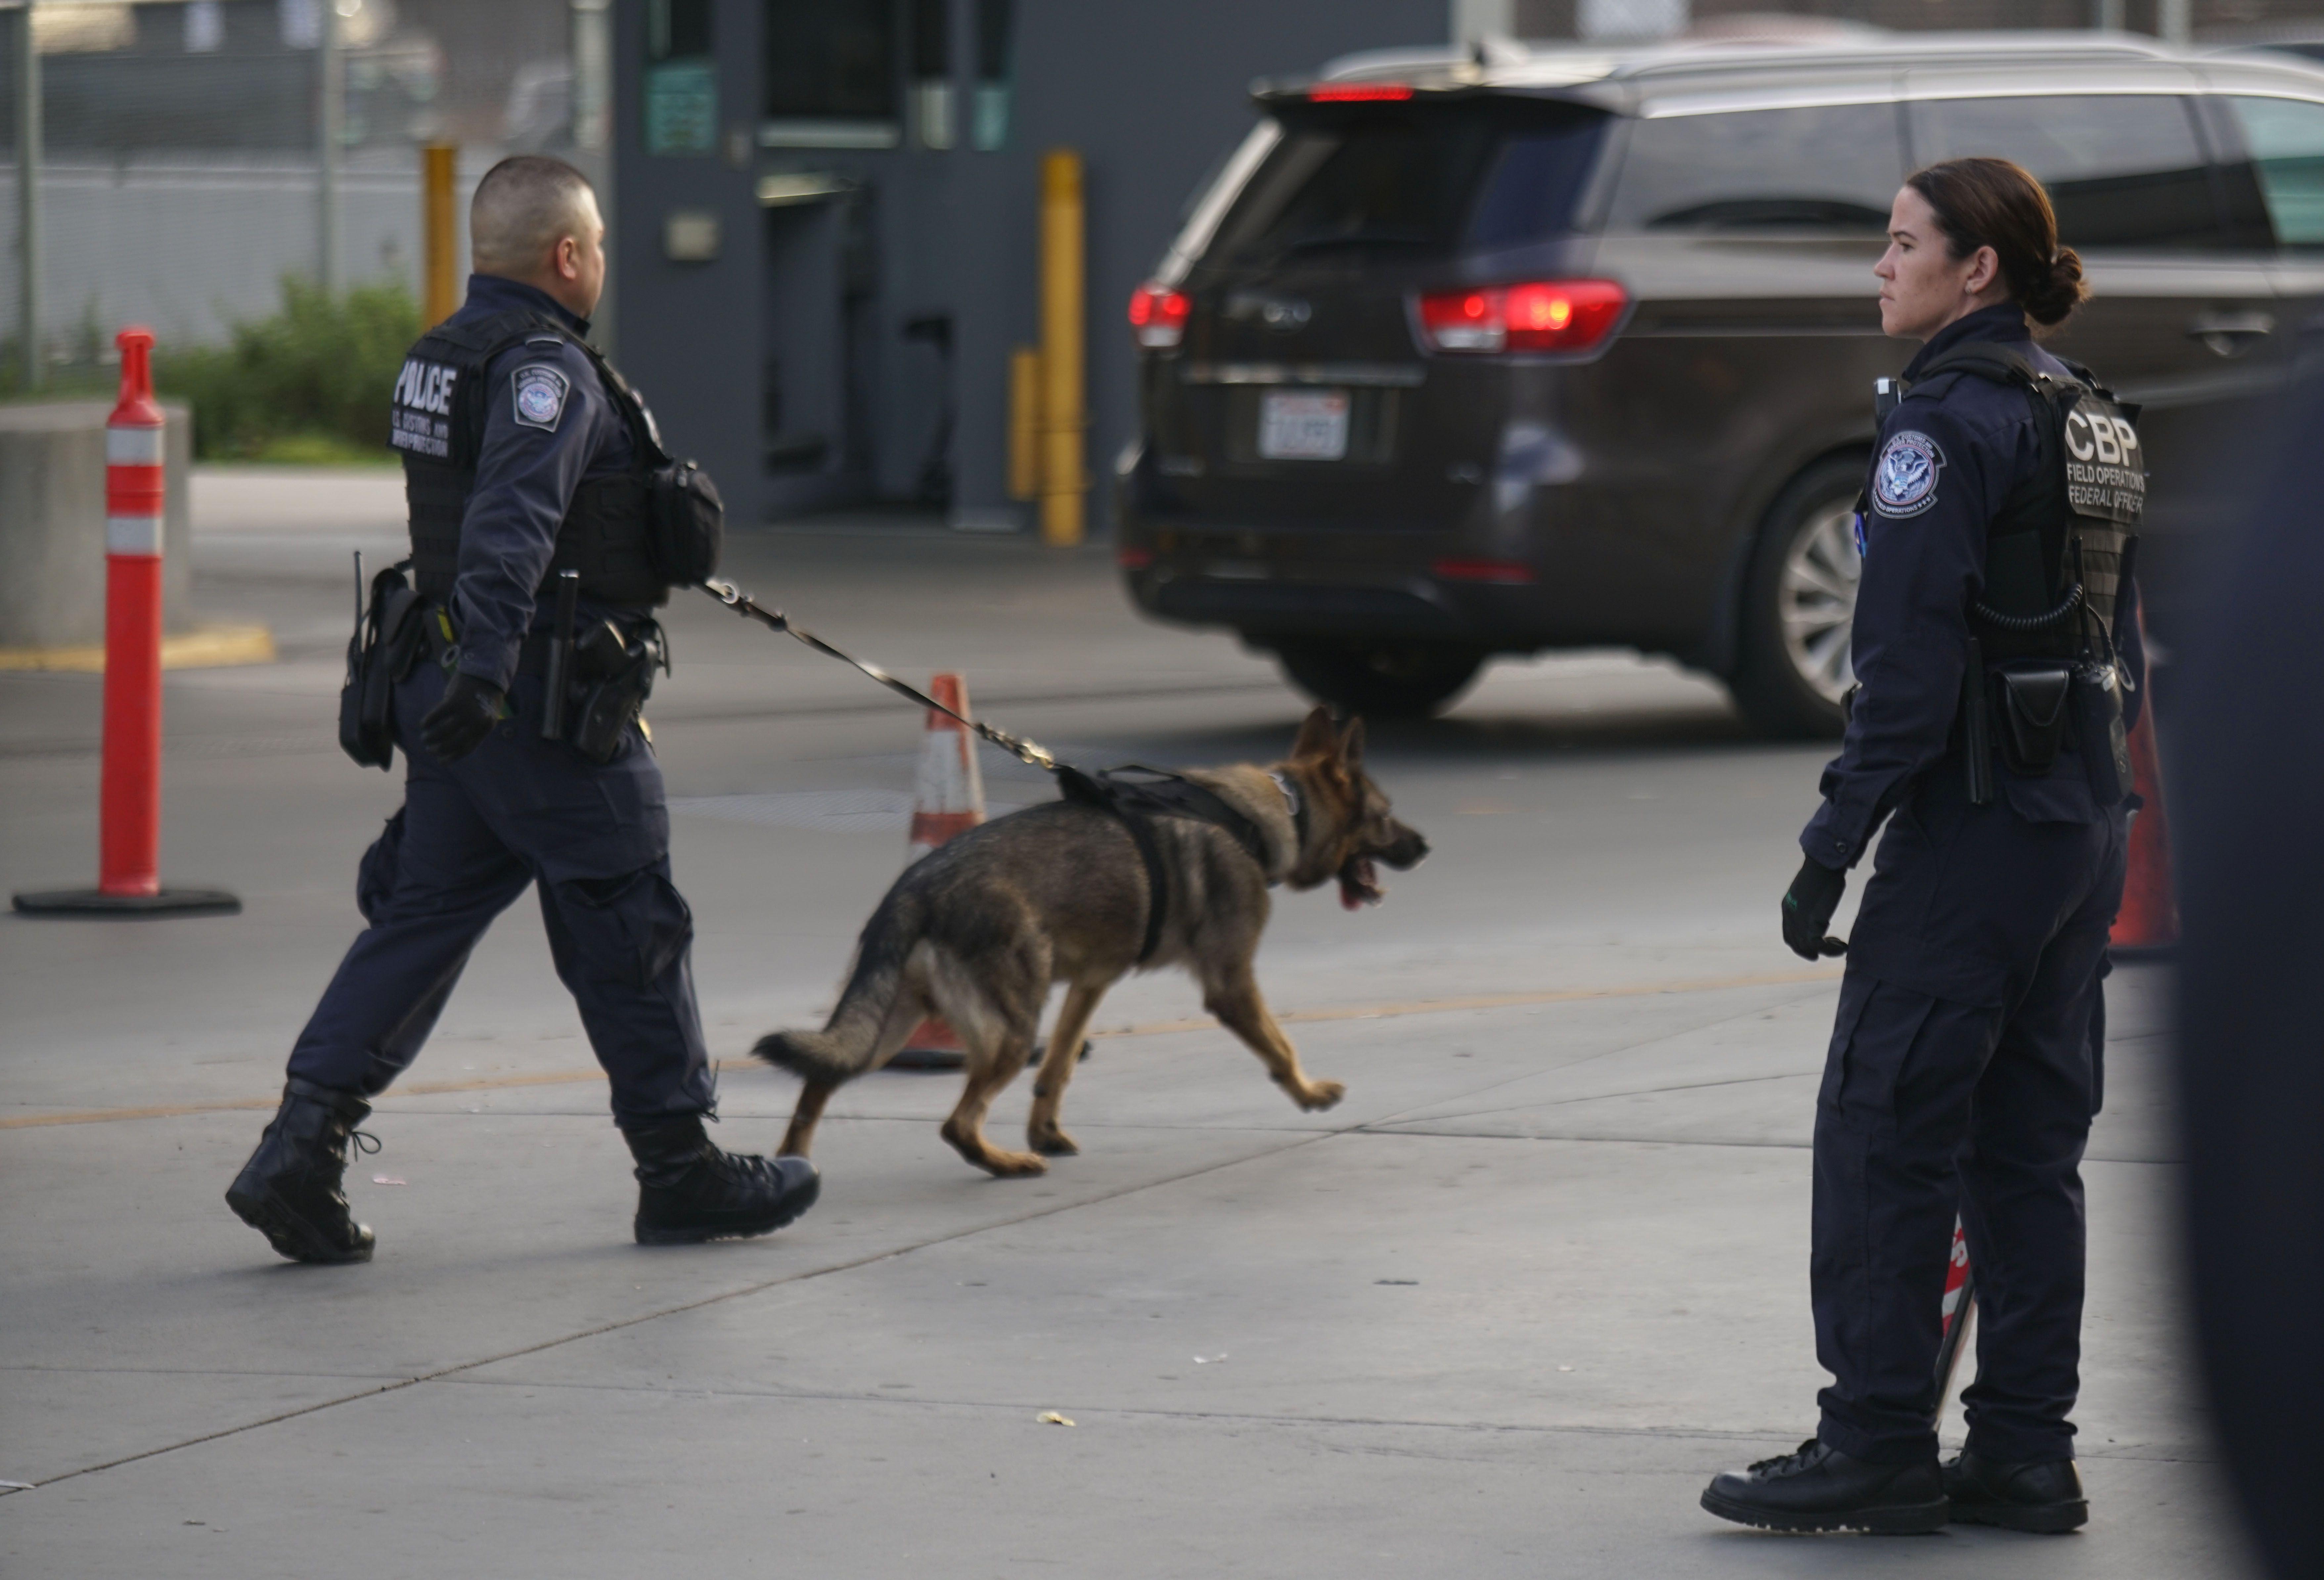 國安部在全美大規模搜捕無證移民罪犯,同時也加強邊界檢查。圖為聖地牙哥和墨西哥聖以西鐸口岸的檢查站。(Getty Images)